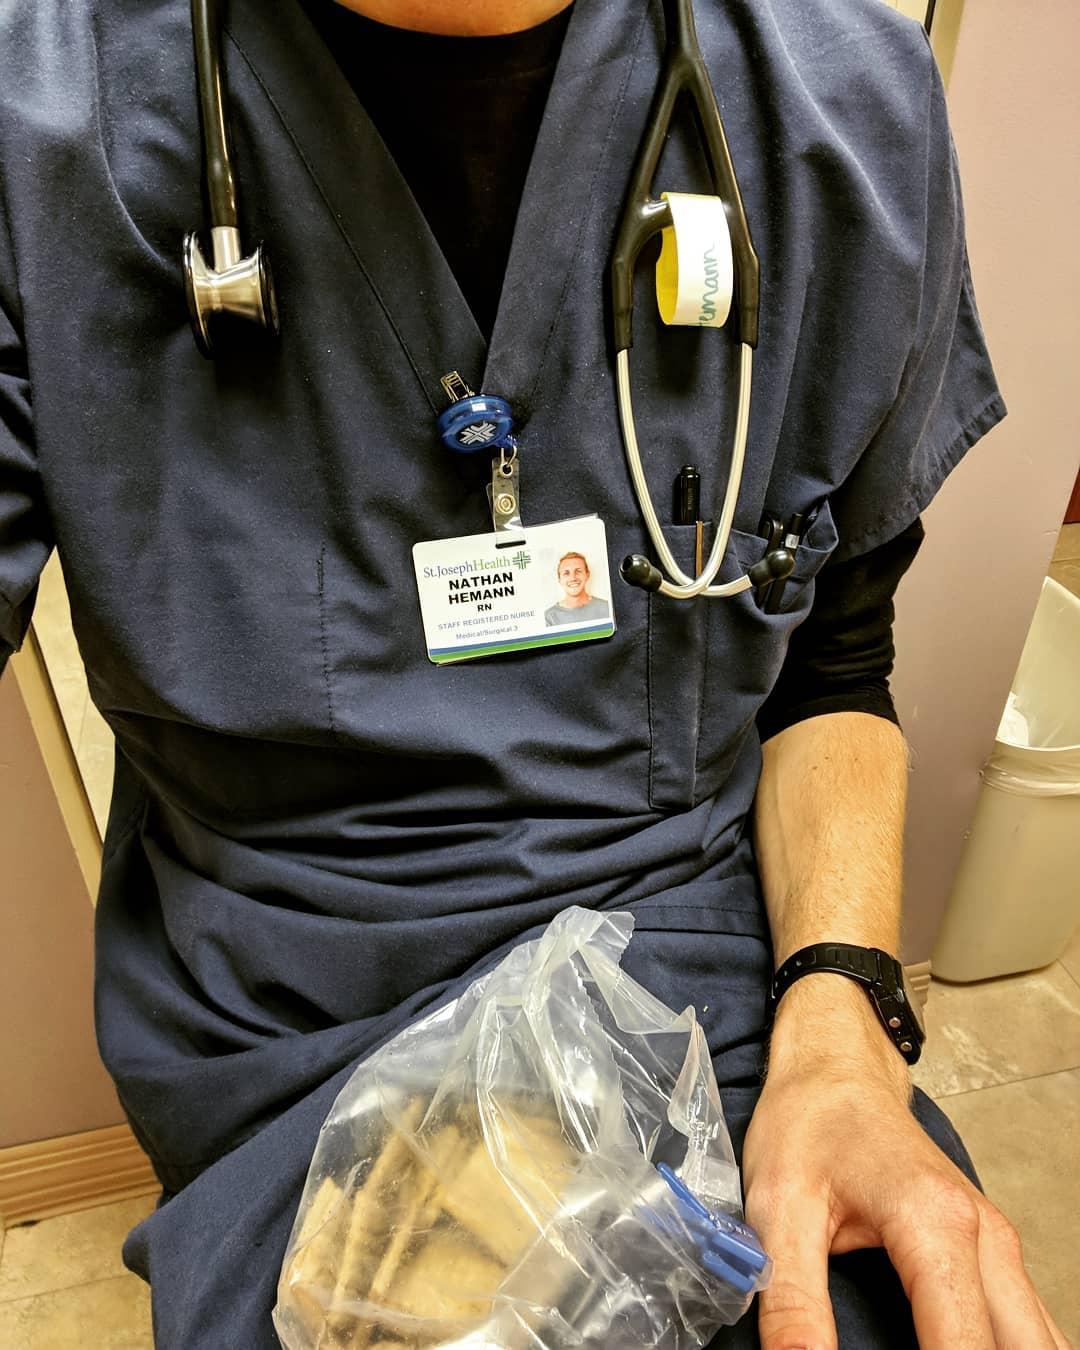 TheTallManVan-Nate Hemann-October 17-travel nurse van life